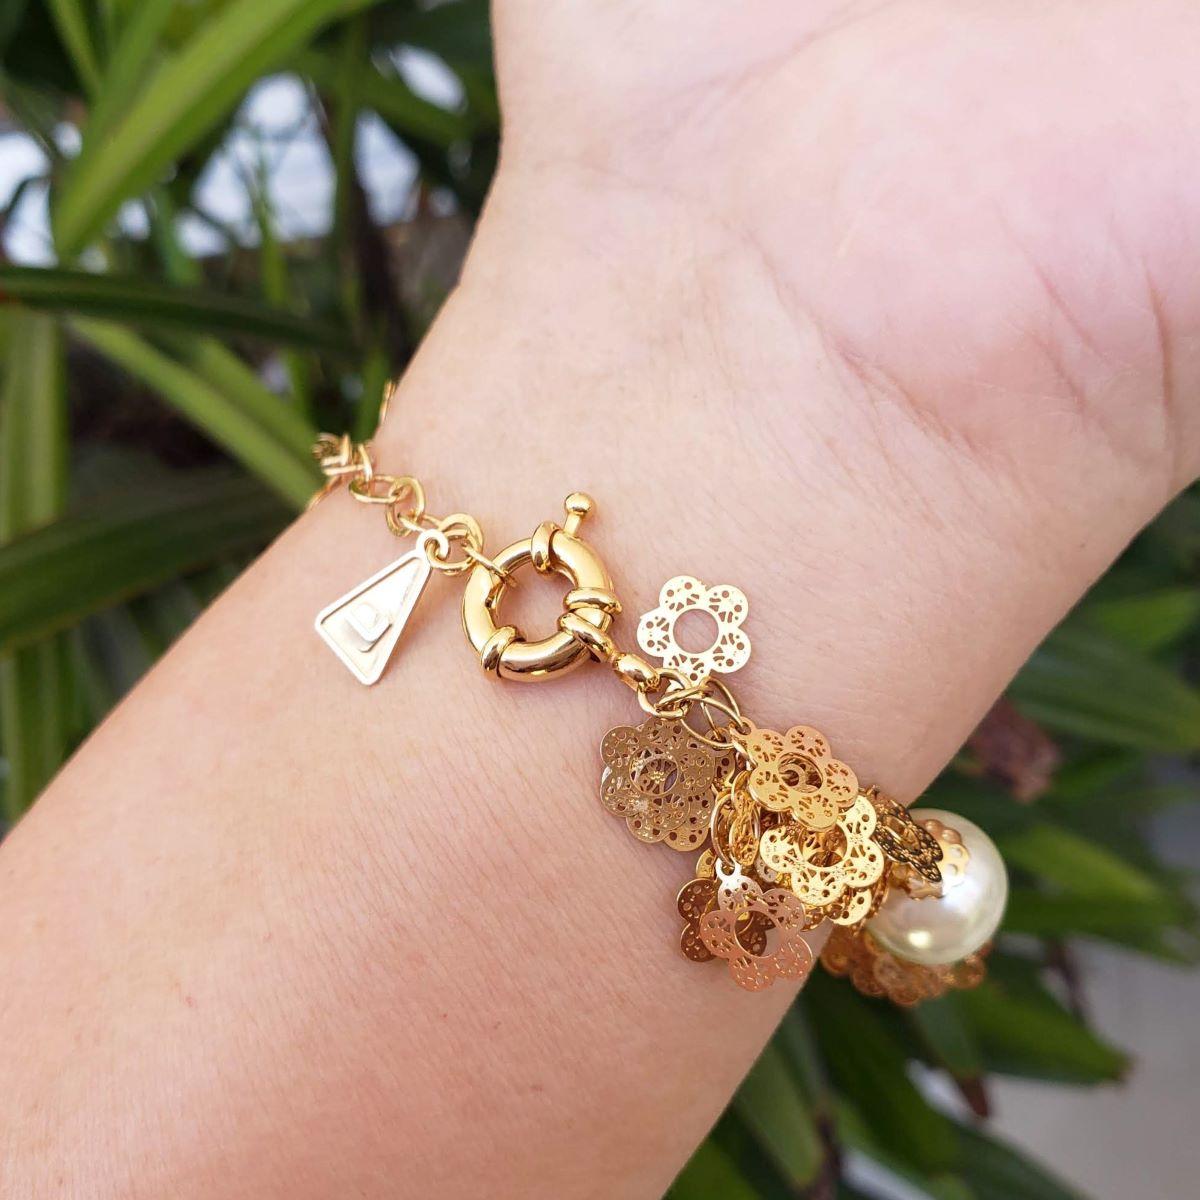 Pulseira Pérolas E Cachos De Flores Banho De Ouro 18k 717